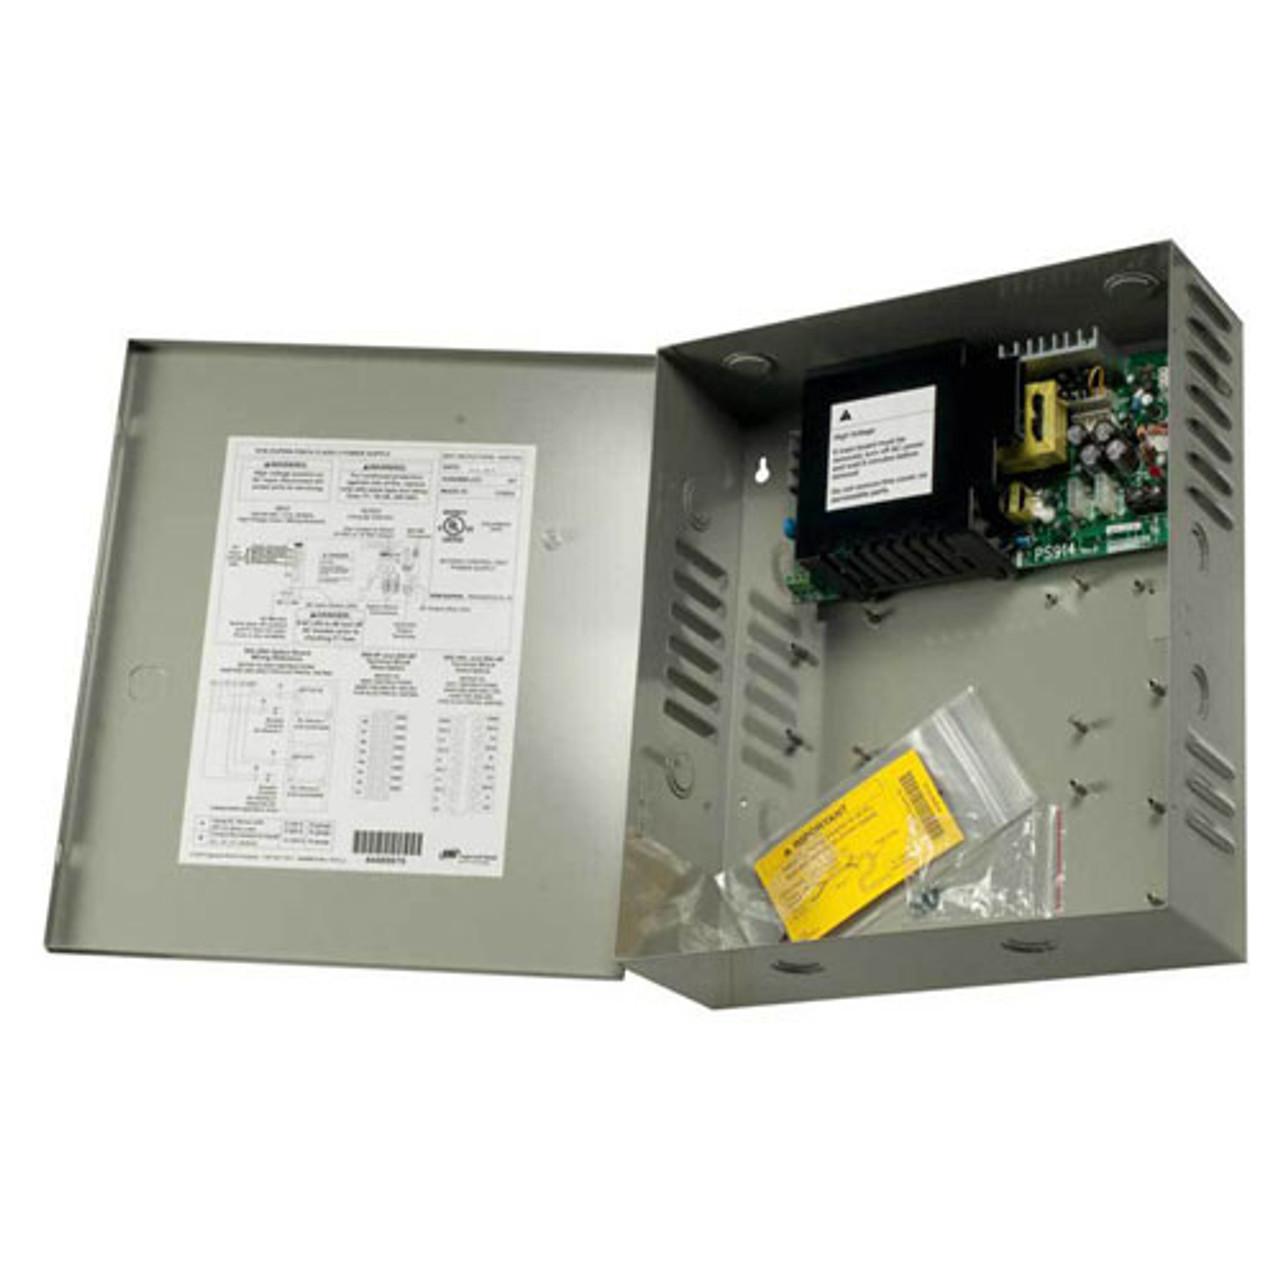 ps914 von duprin power supply  von duprin ps914 wiring diagram #4